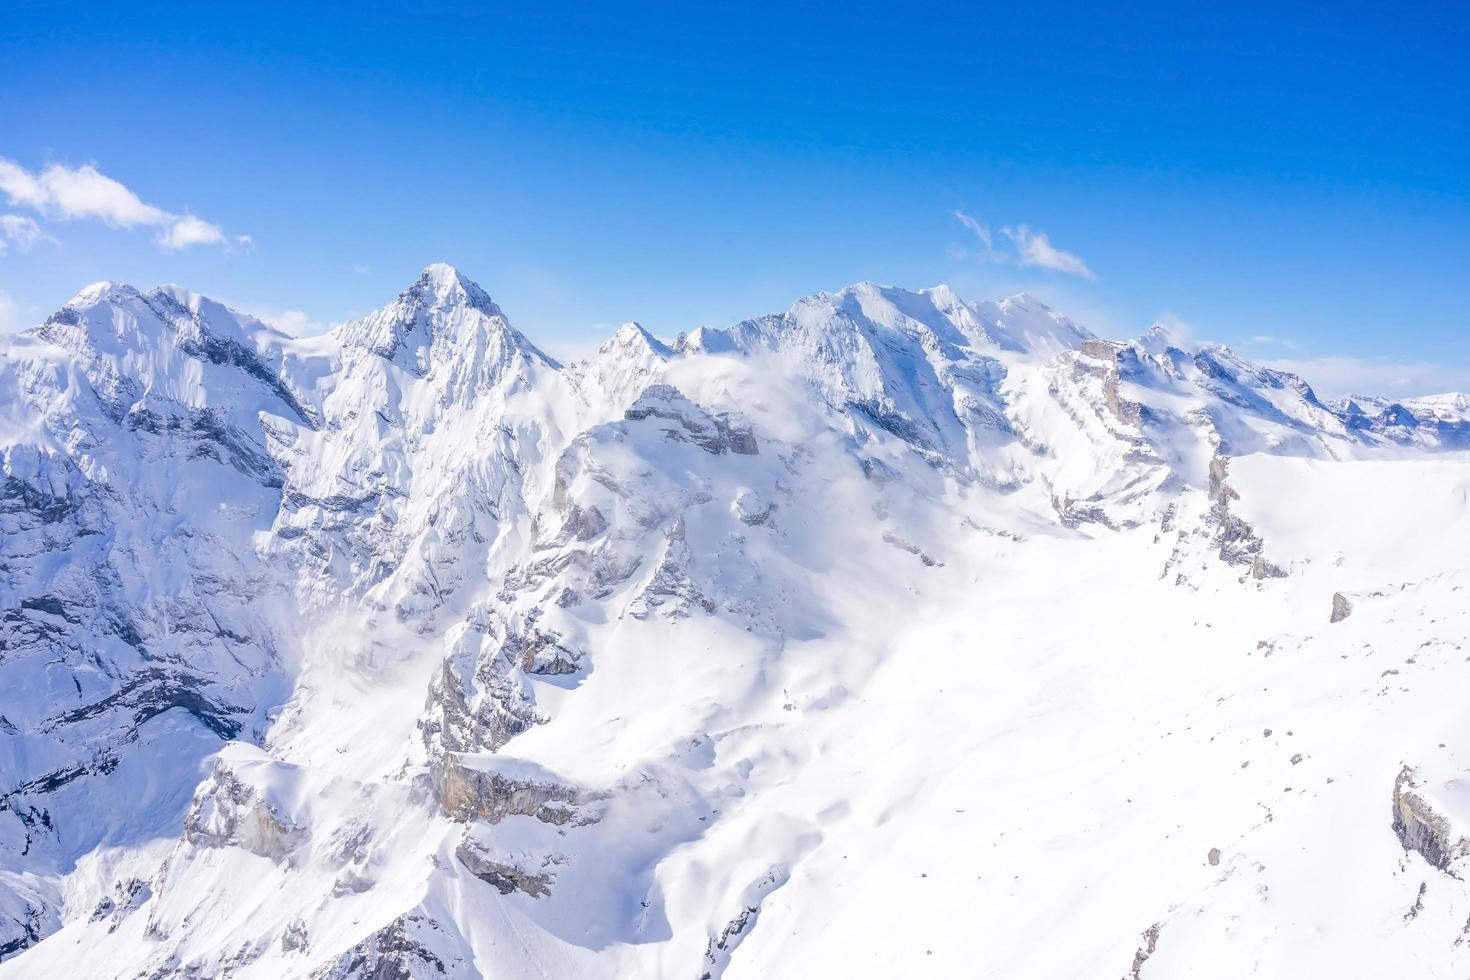 atemberaubender blick auf die schweizer alpen foto